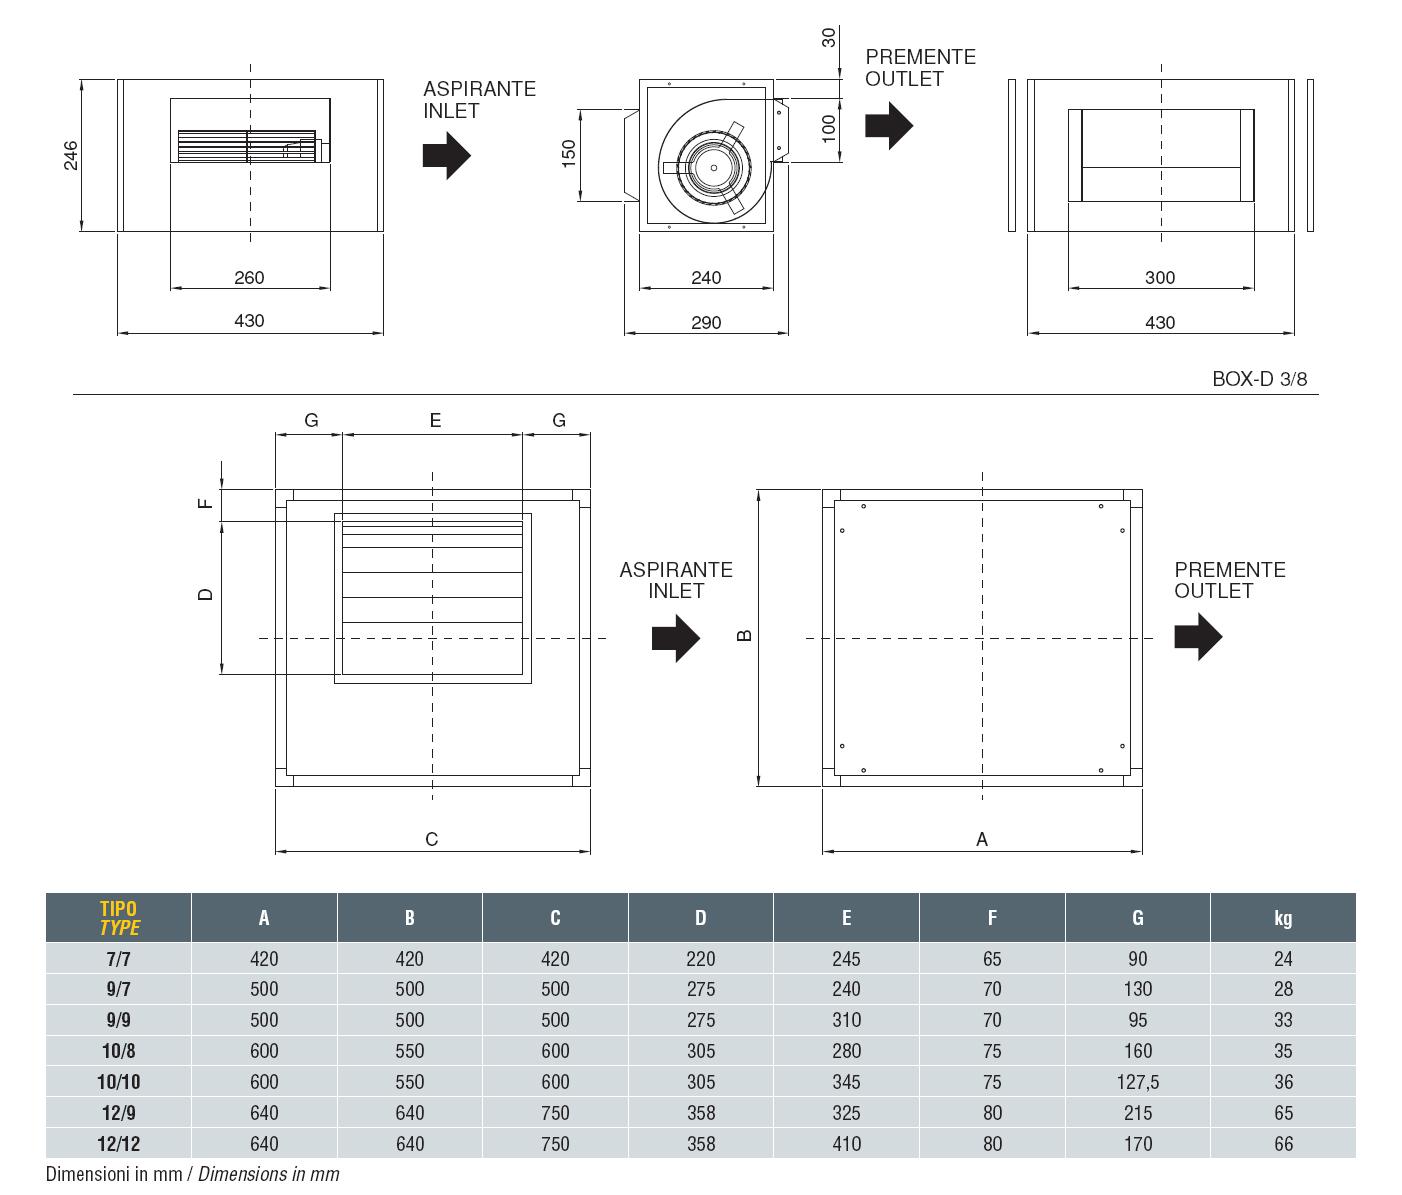 Размери: Звуко-изолирани вентилационни боксове DYNAIR BOX-D